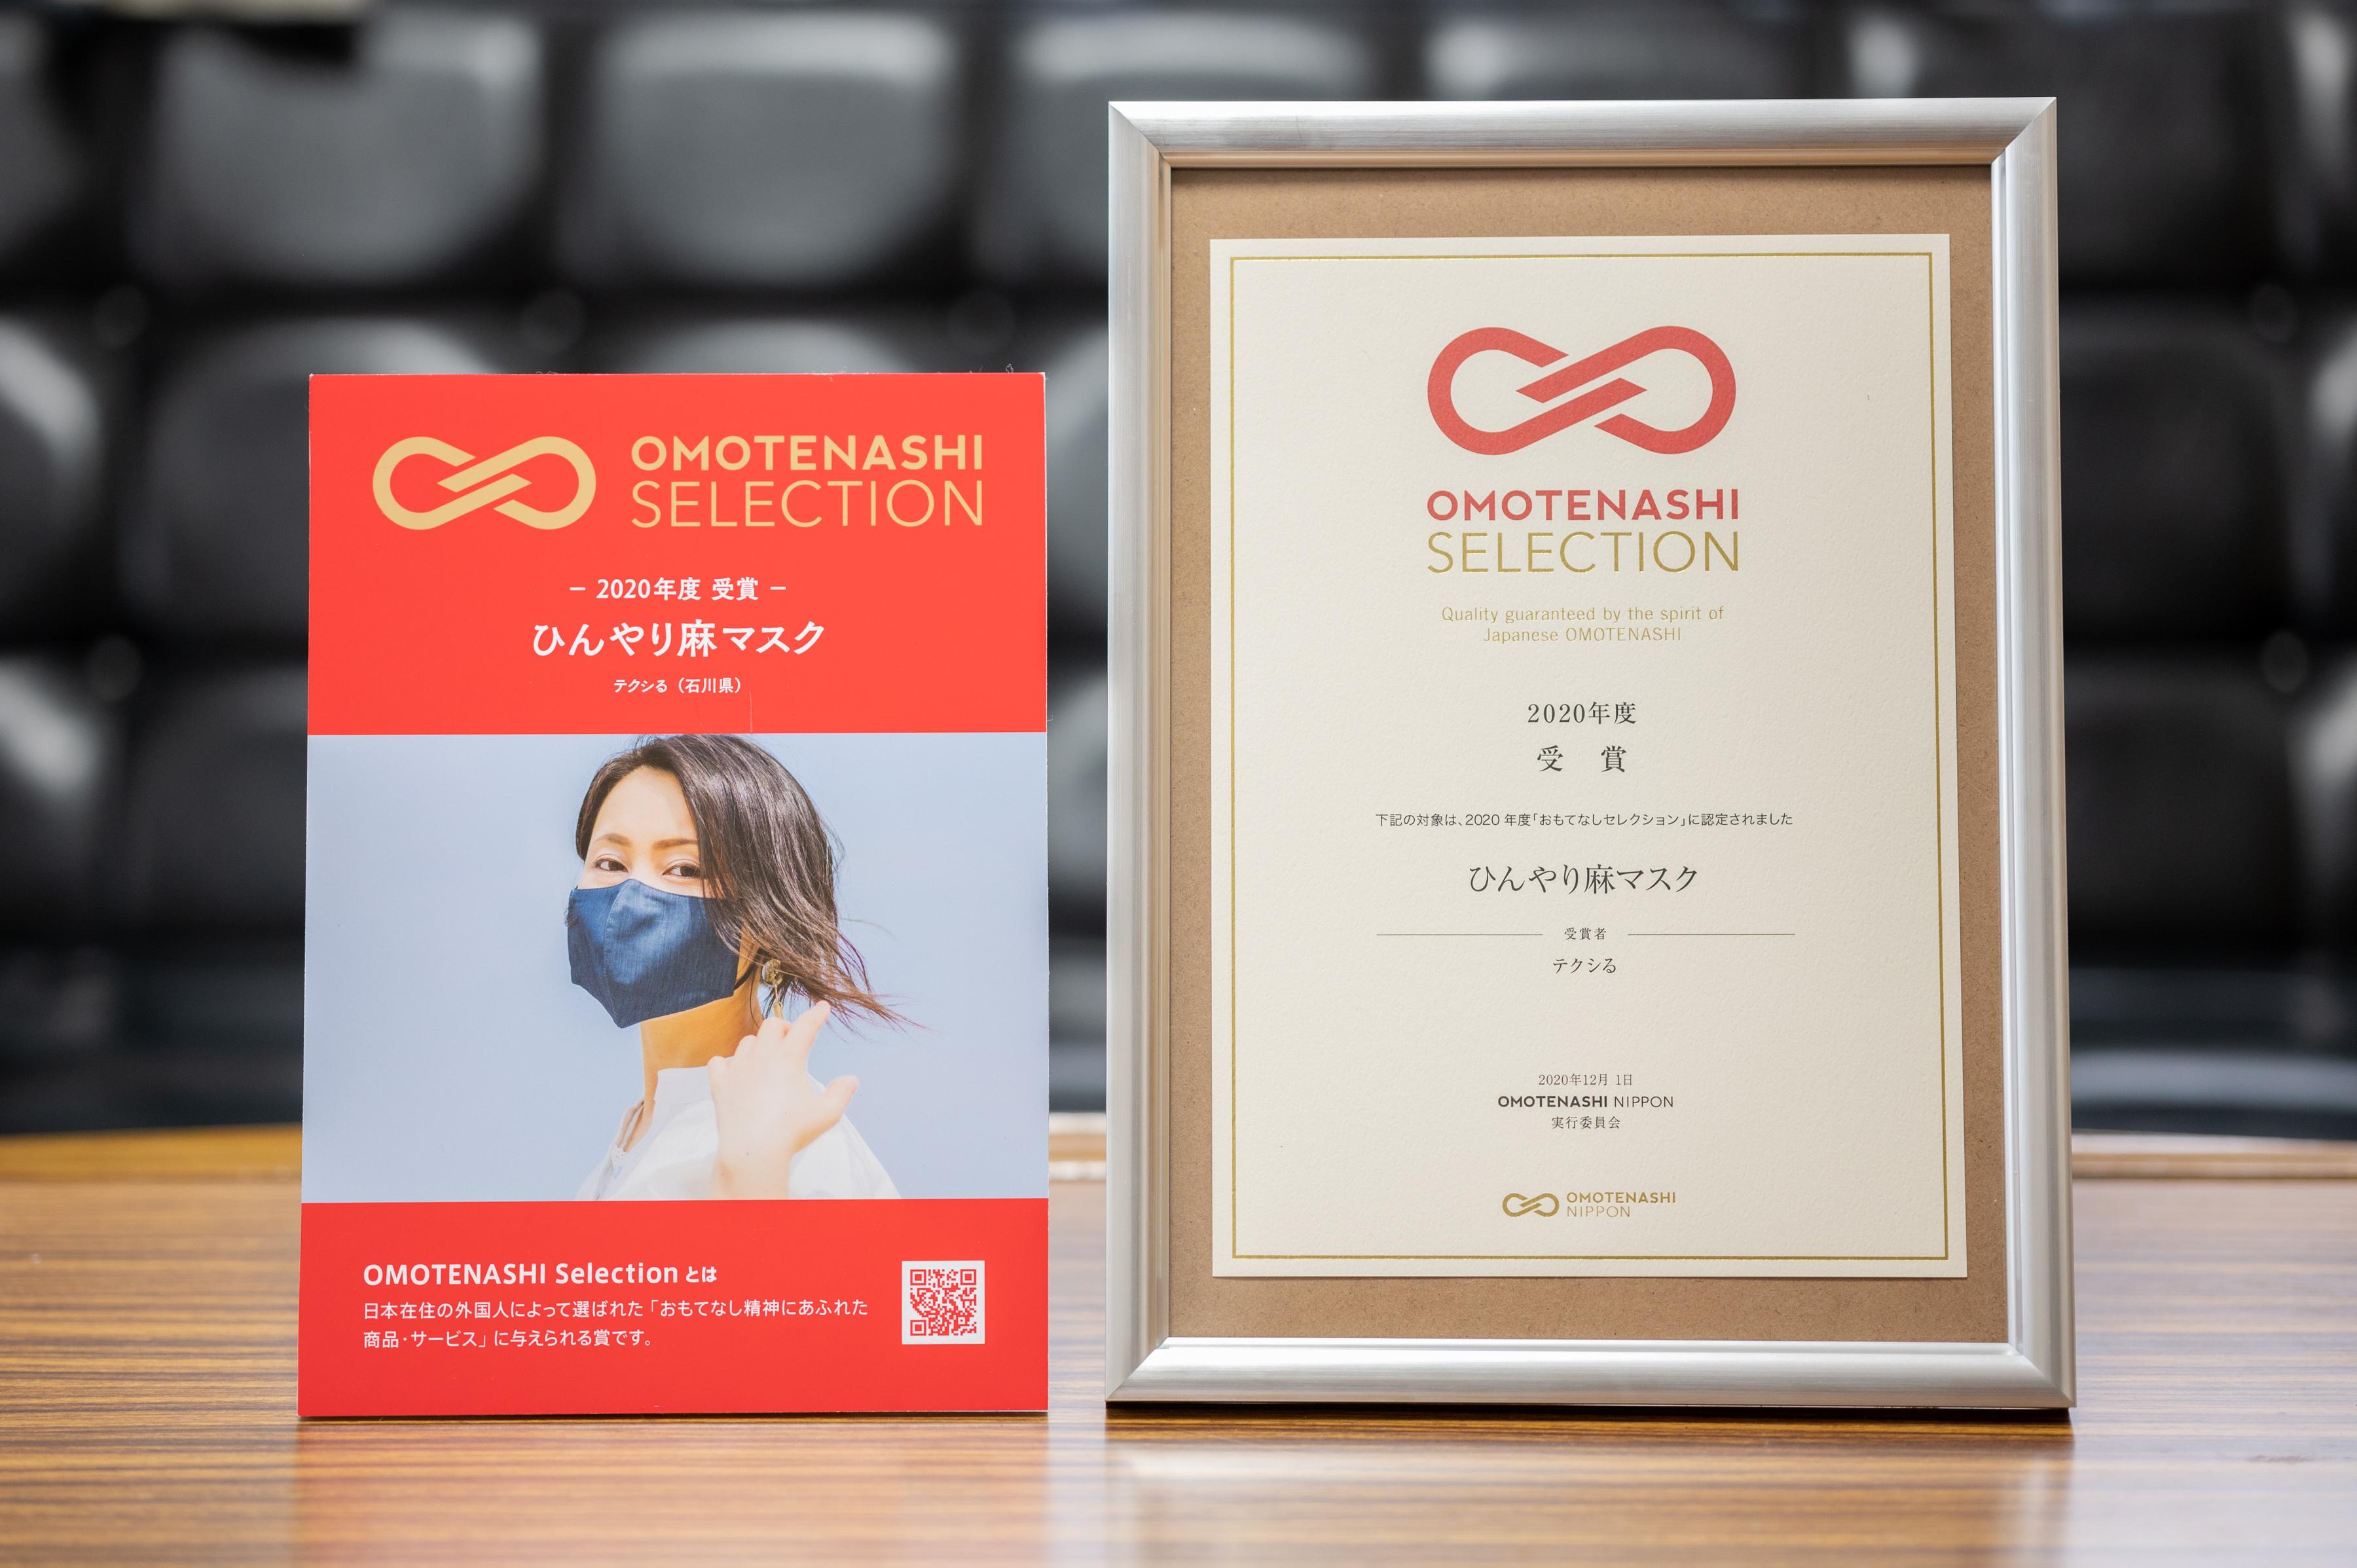 ひんやり麻マスクが「OMOTENASHI Selection 2020」を受賞しました